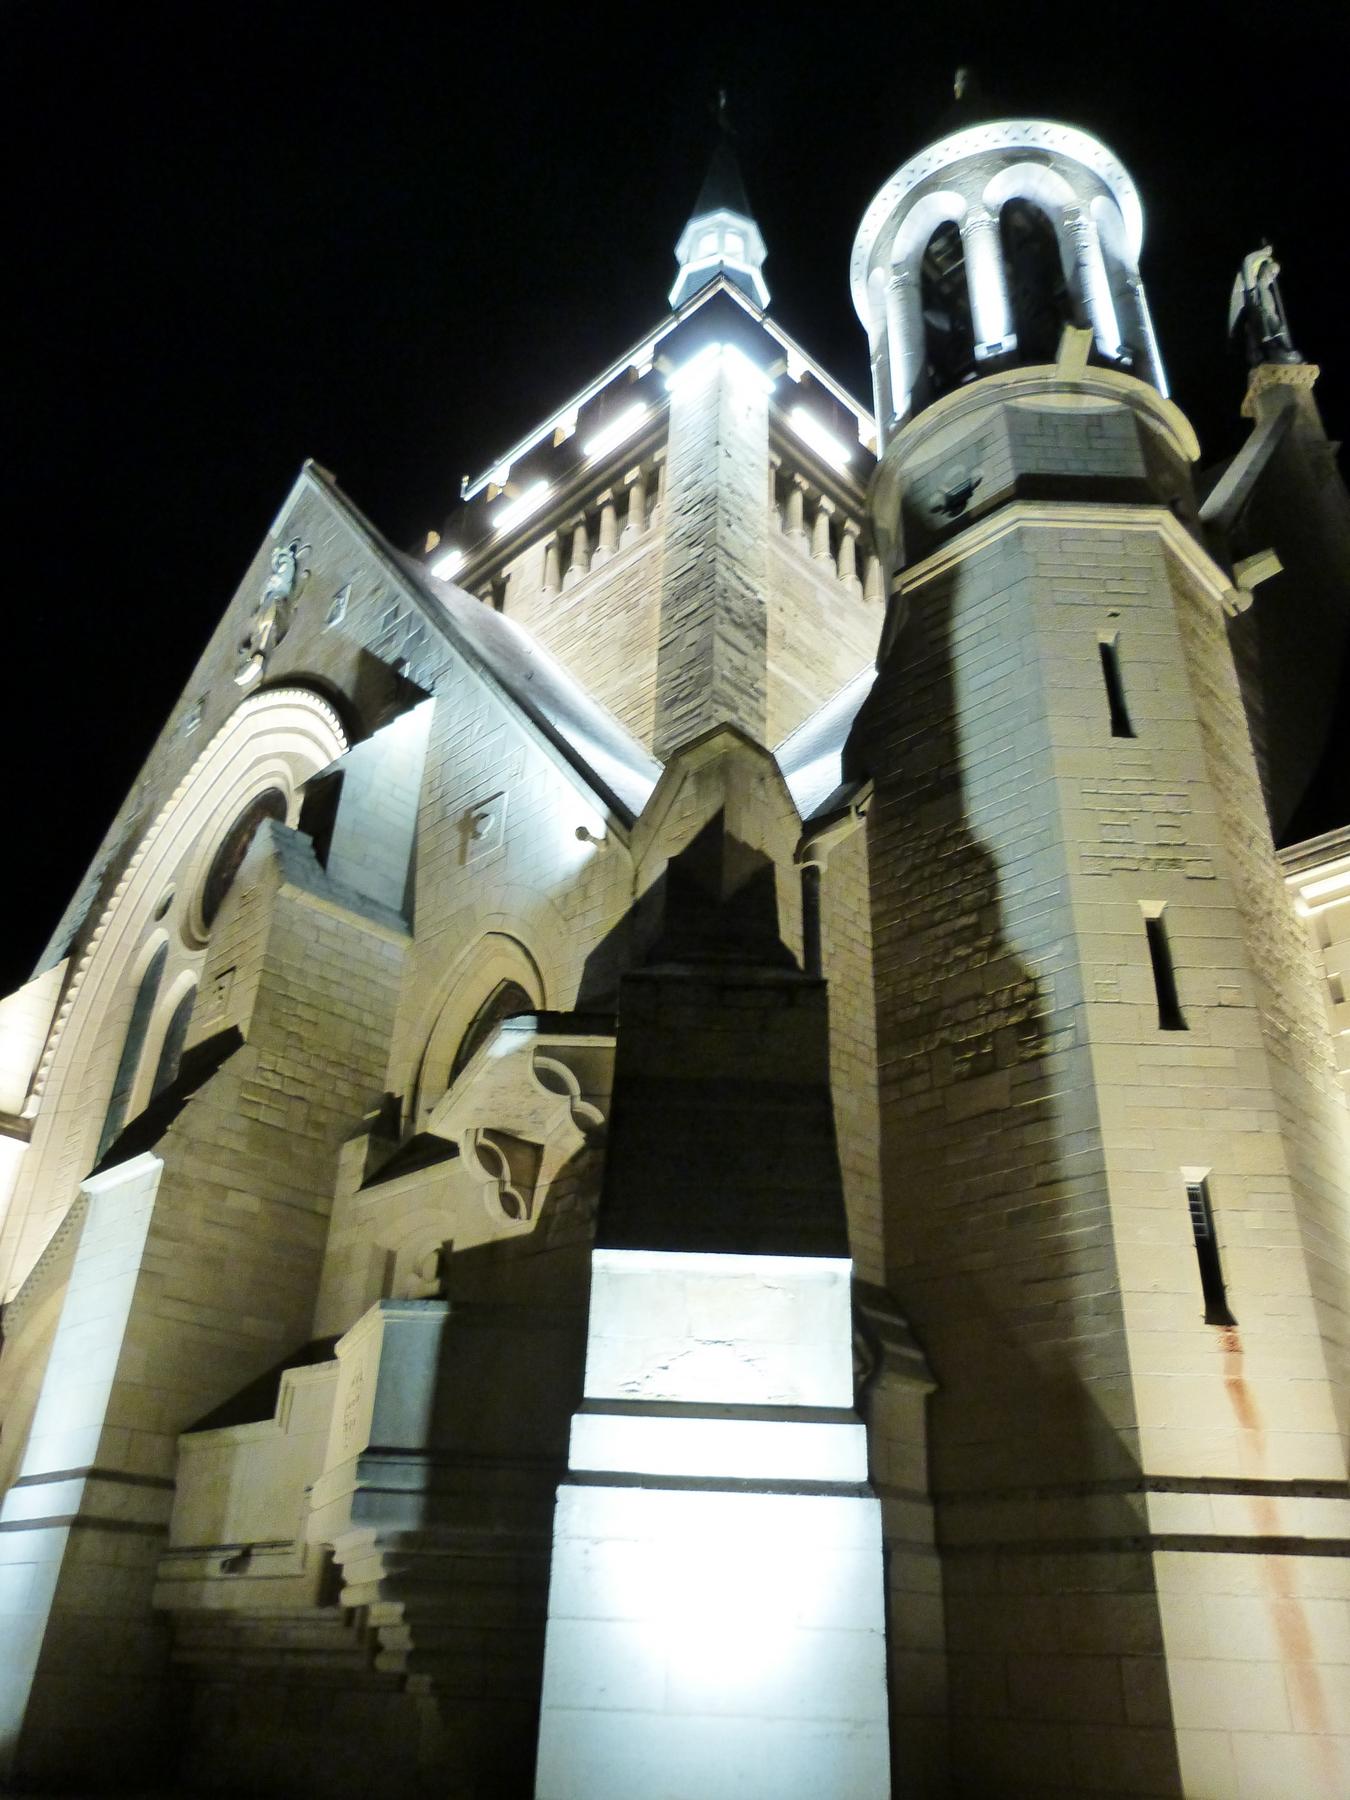 L'architecture du Mémorial de Dormans avec son nouvel éclairage